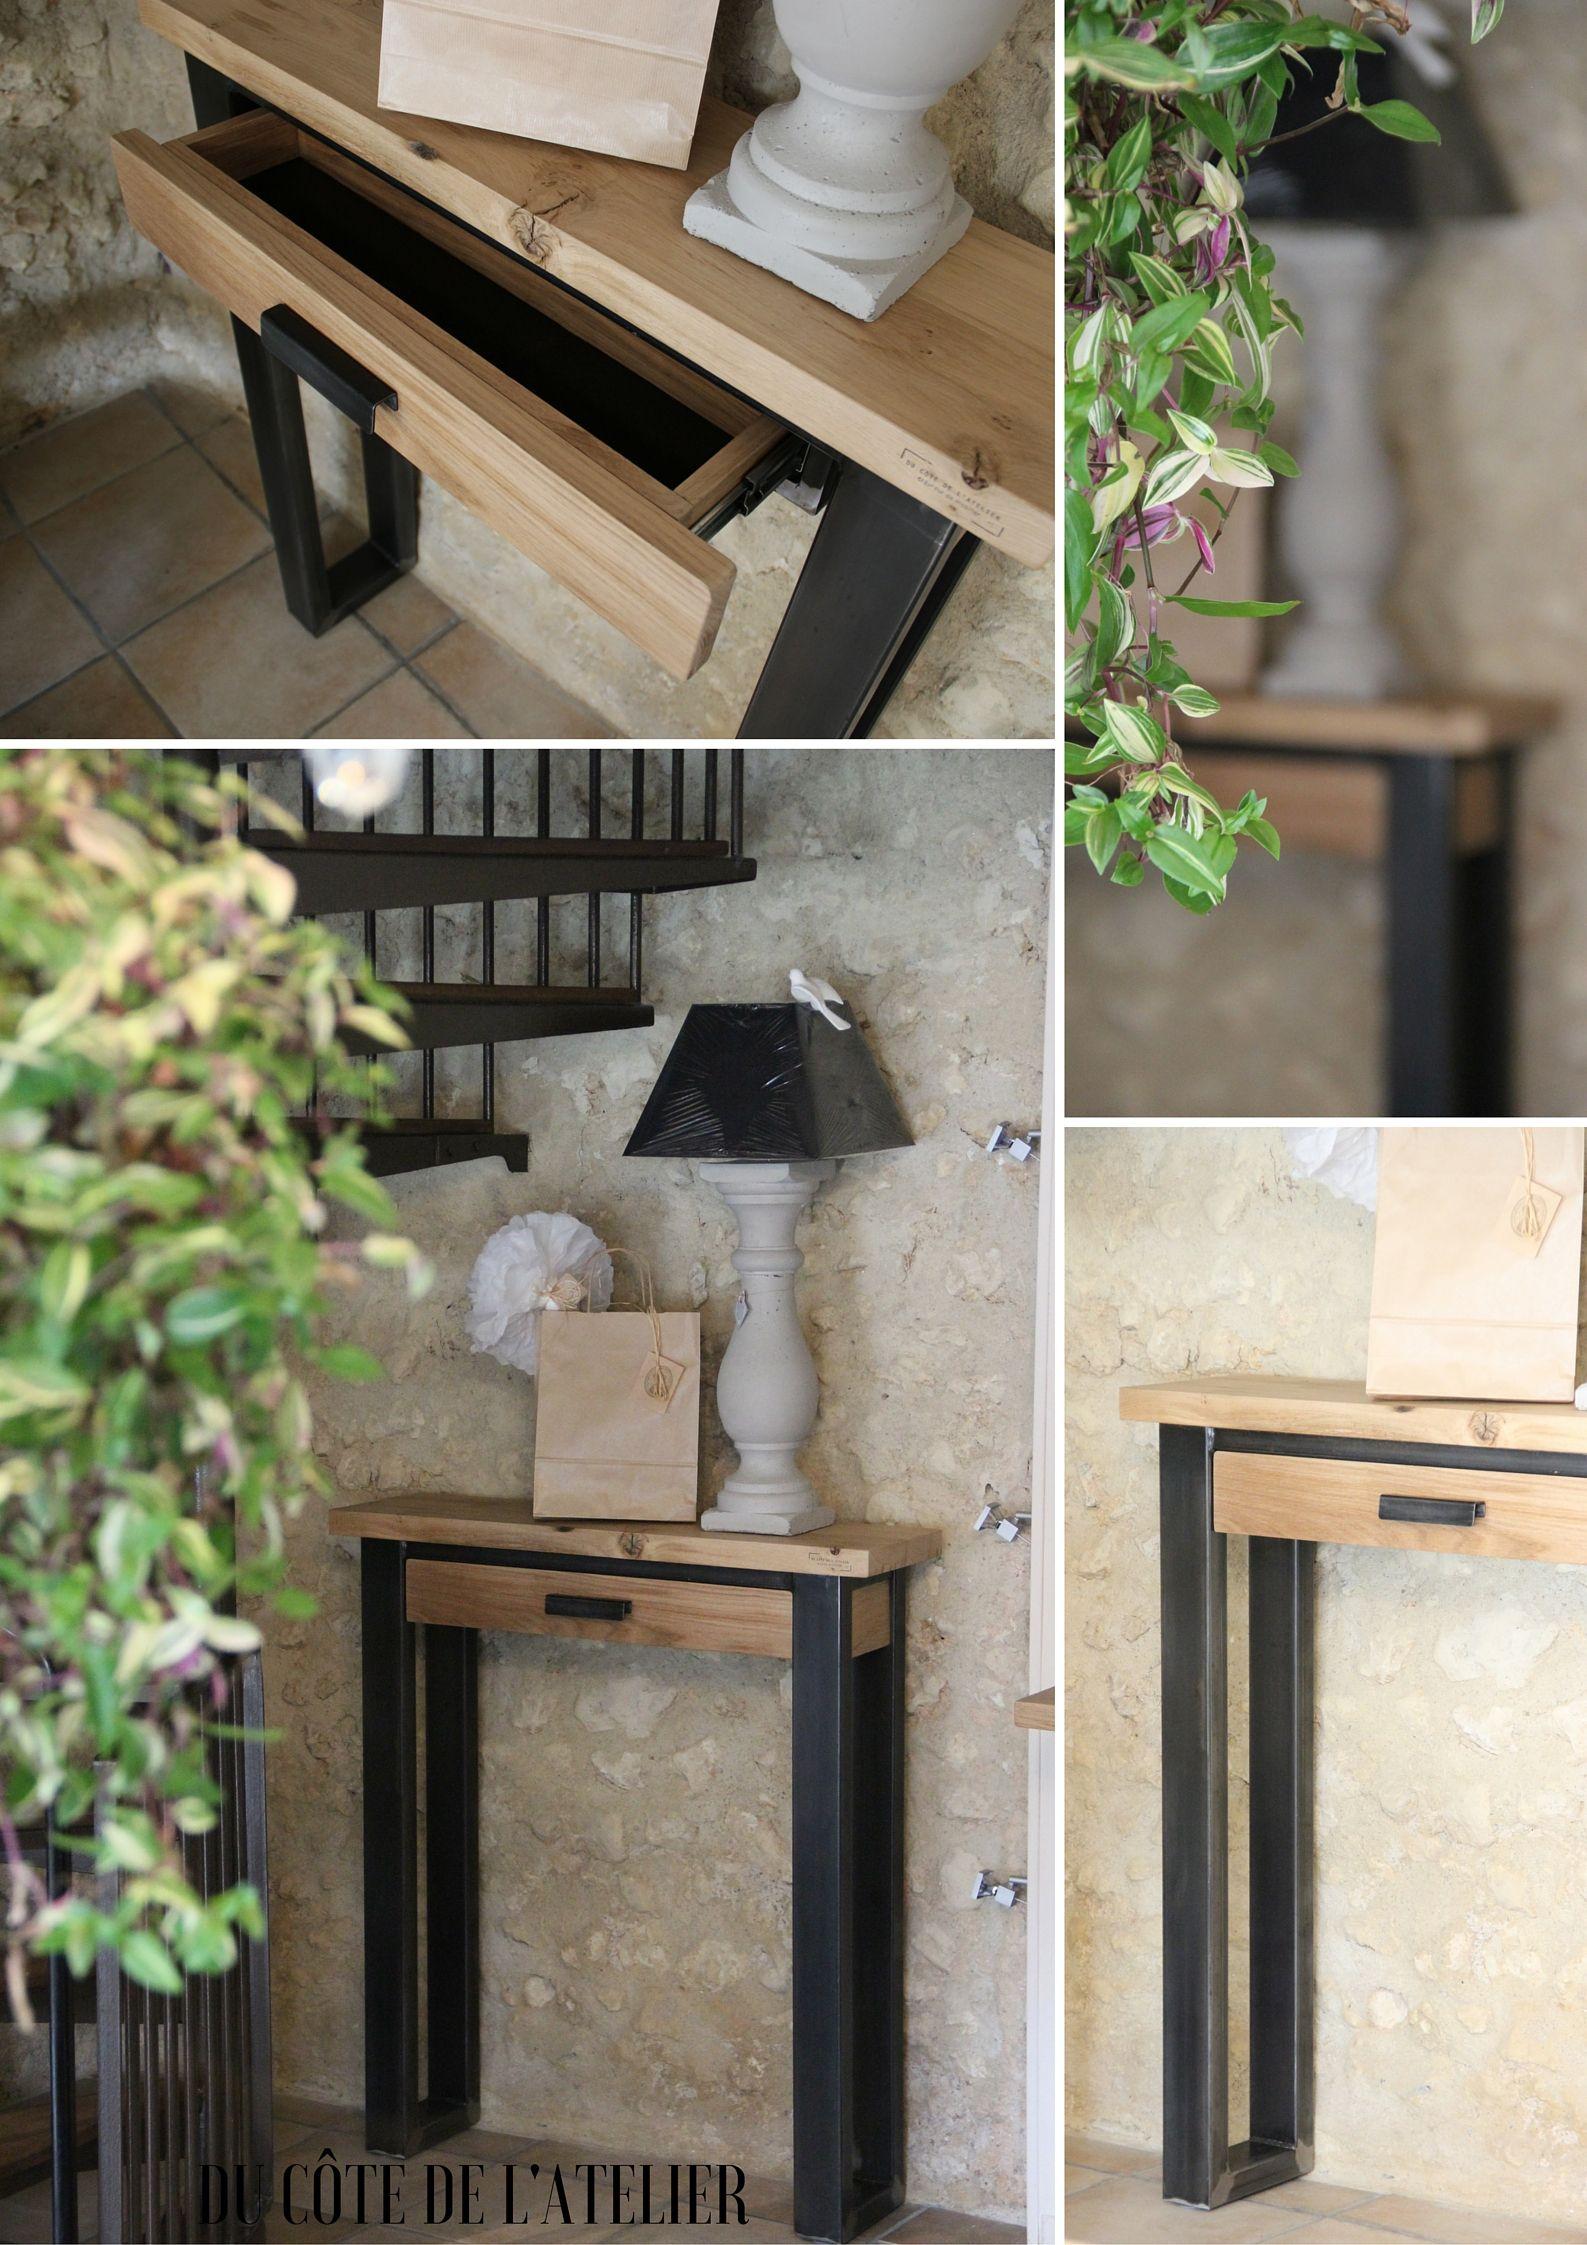 d1a30d848cf8a21f6843e5dd768a659f Incroyable De Table Basse Bois Metal Des Idées